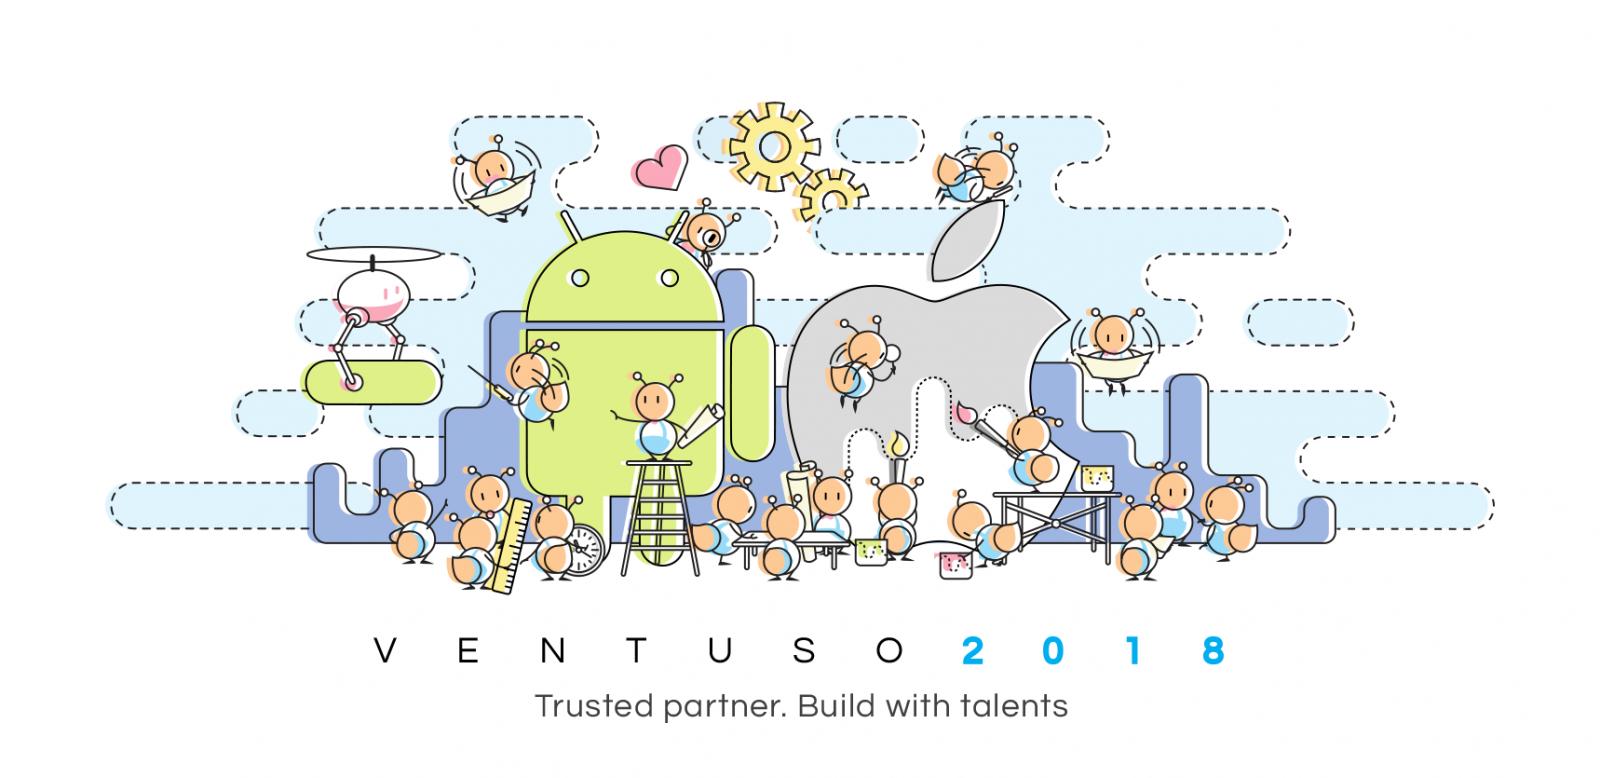 right mobile app developer for enterprises and startups